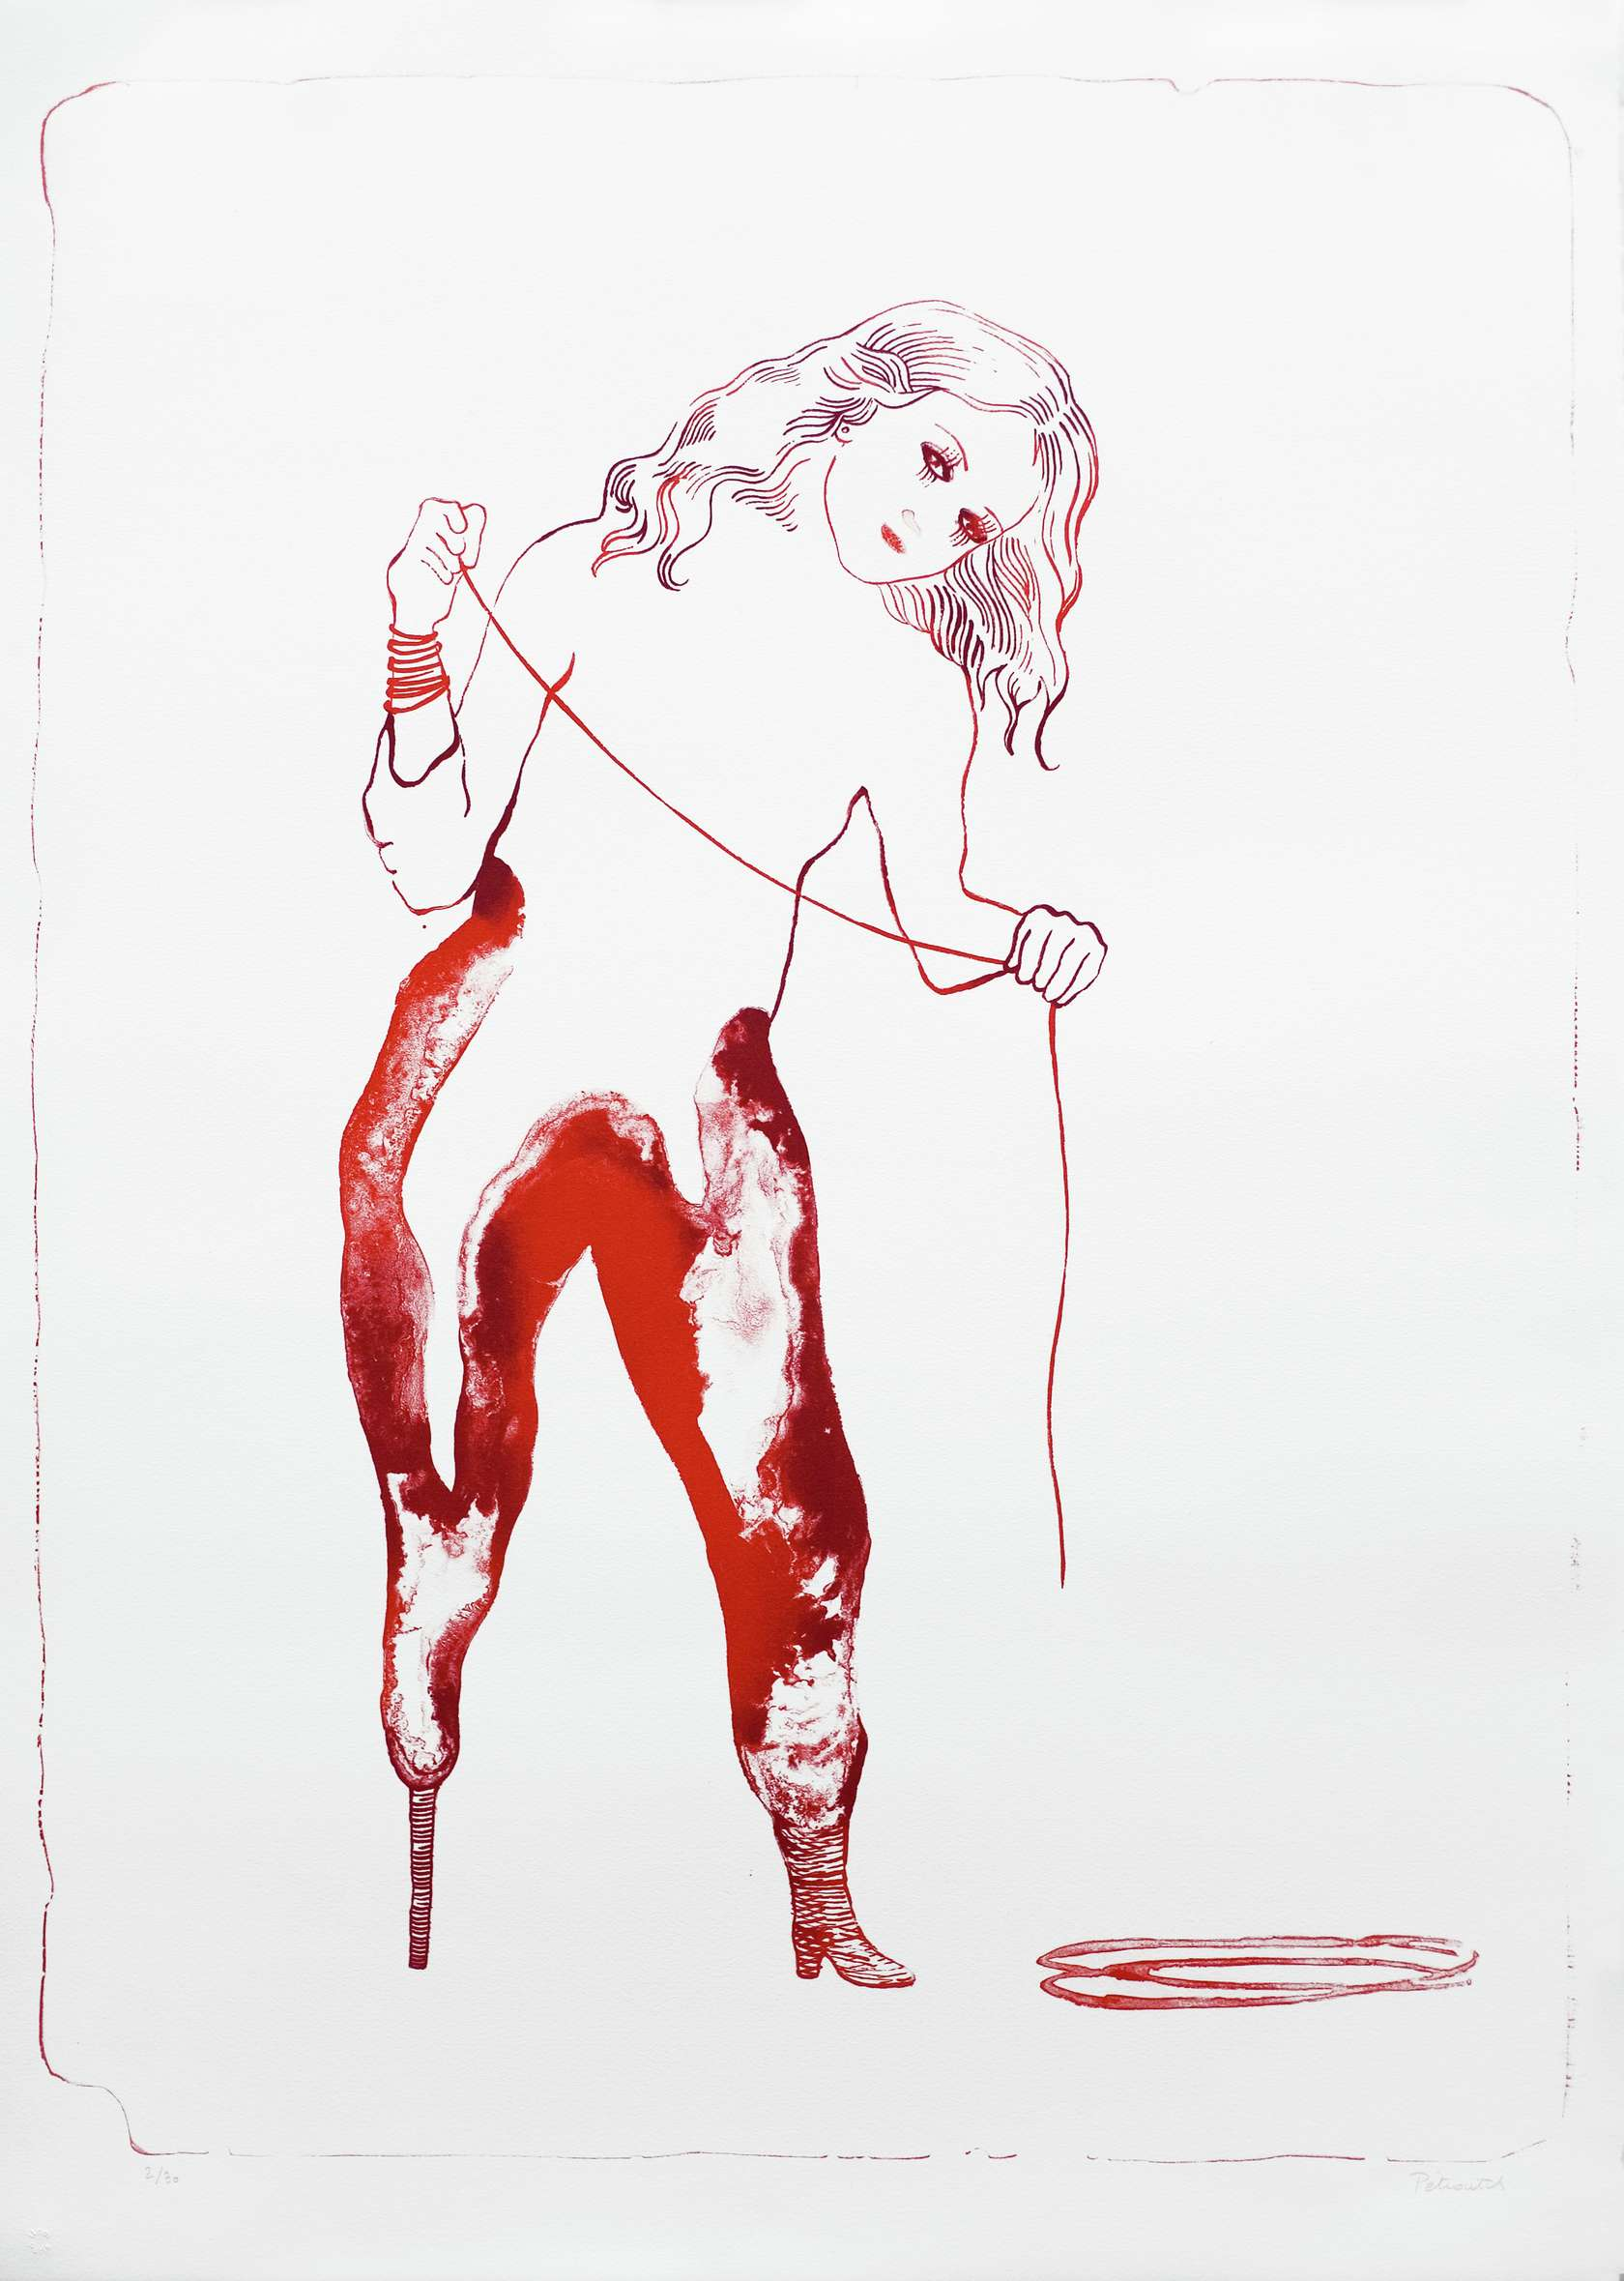 Françoise Pétrovitch Conférence - Cris et chuchotements Centre de la gravure et de l'image imprimée, La Louvrière (BE) 2 — 2 février 2020